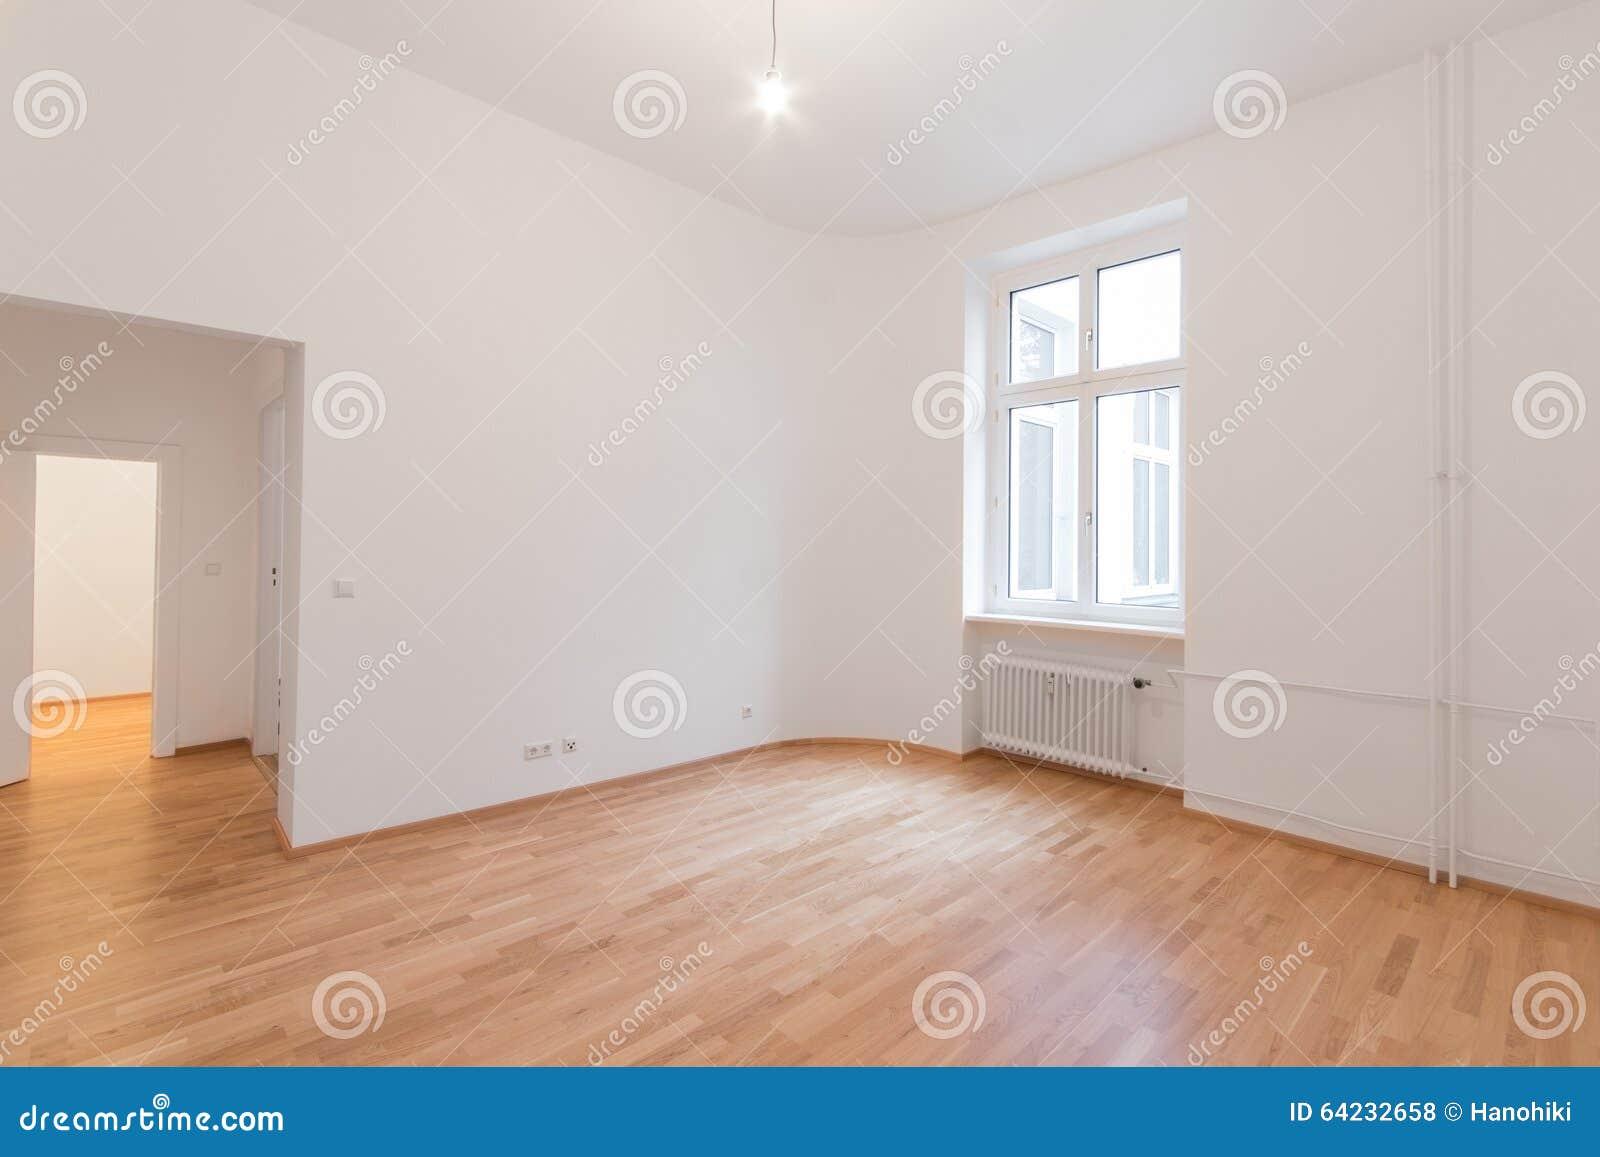 Wit Eiken Vloer : Verse vernieuwde ruimte met houten eiken vloer witte muren en